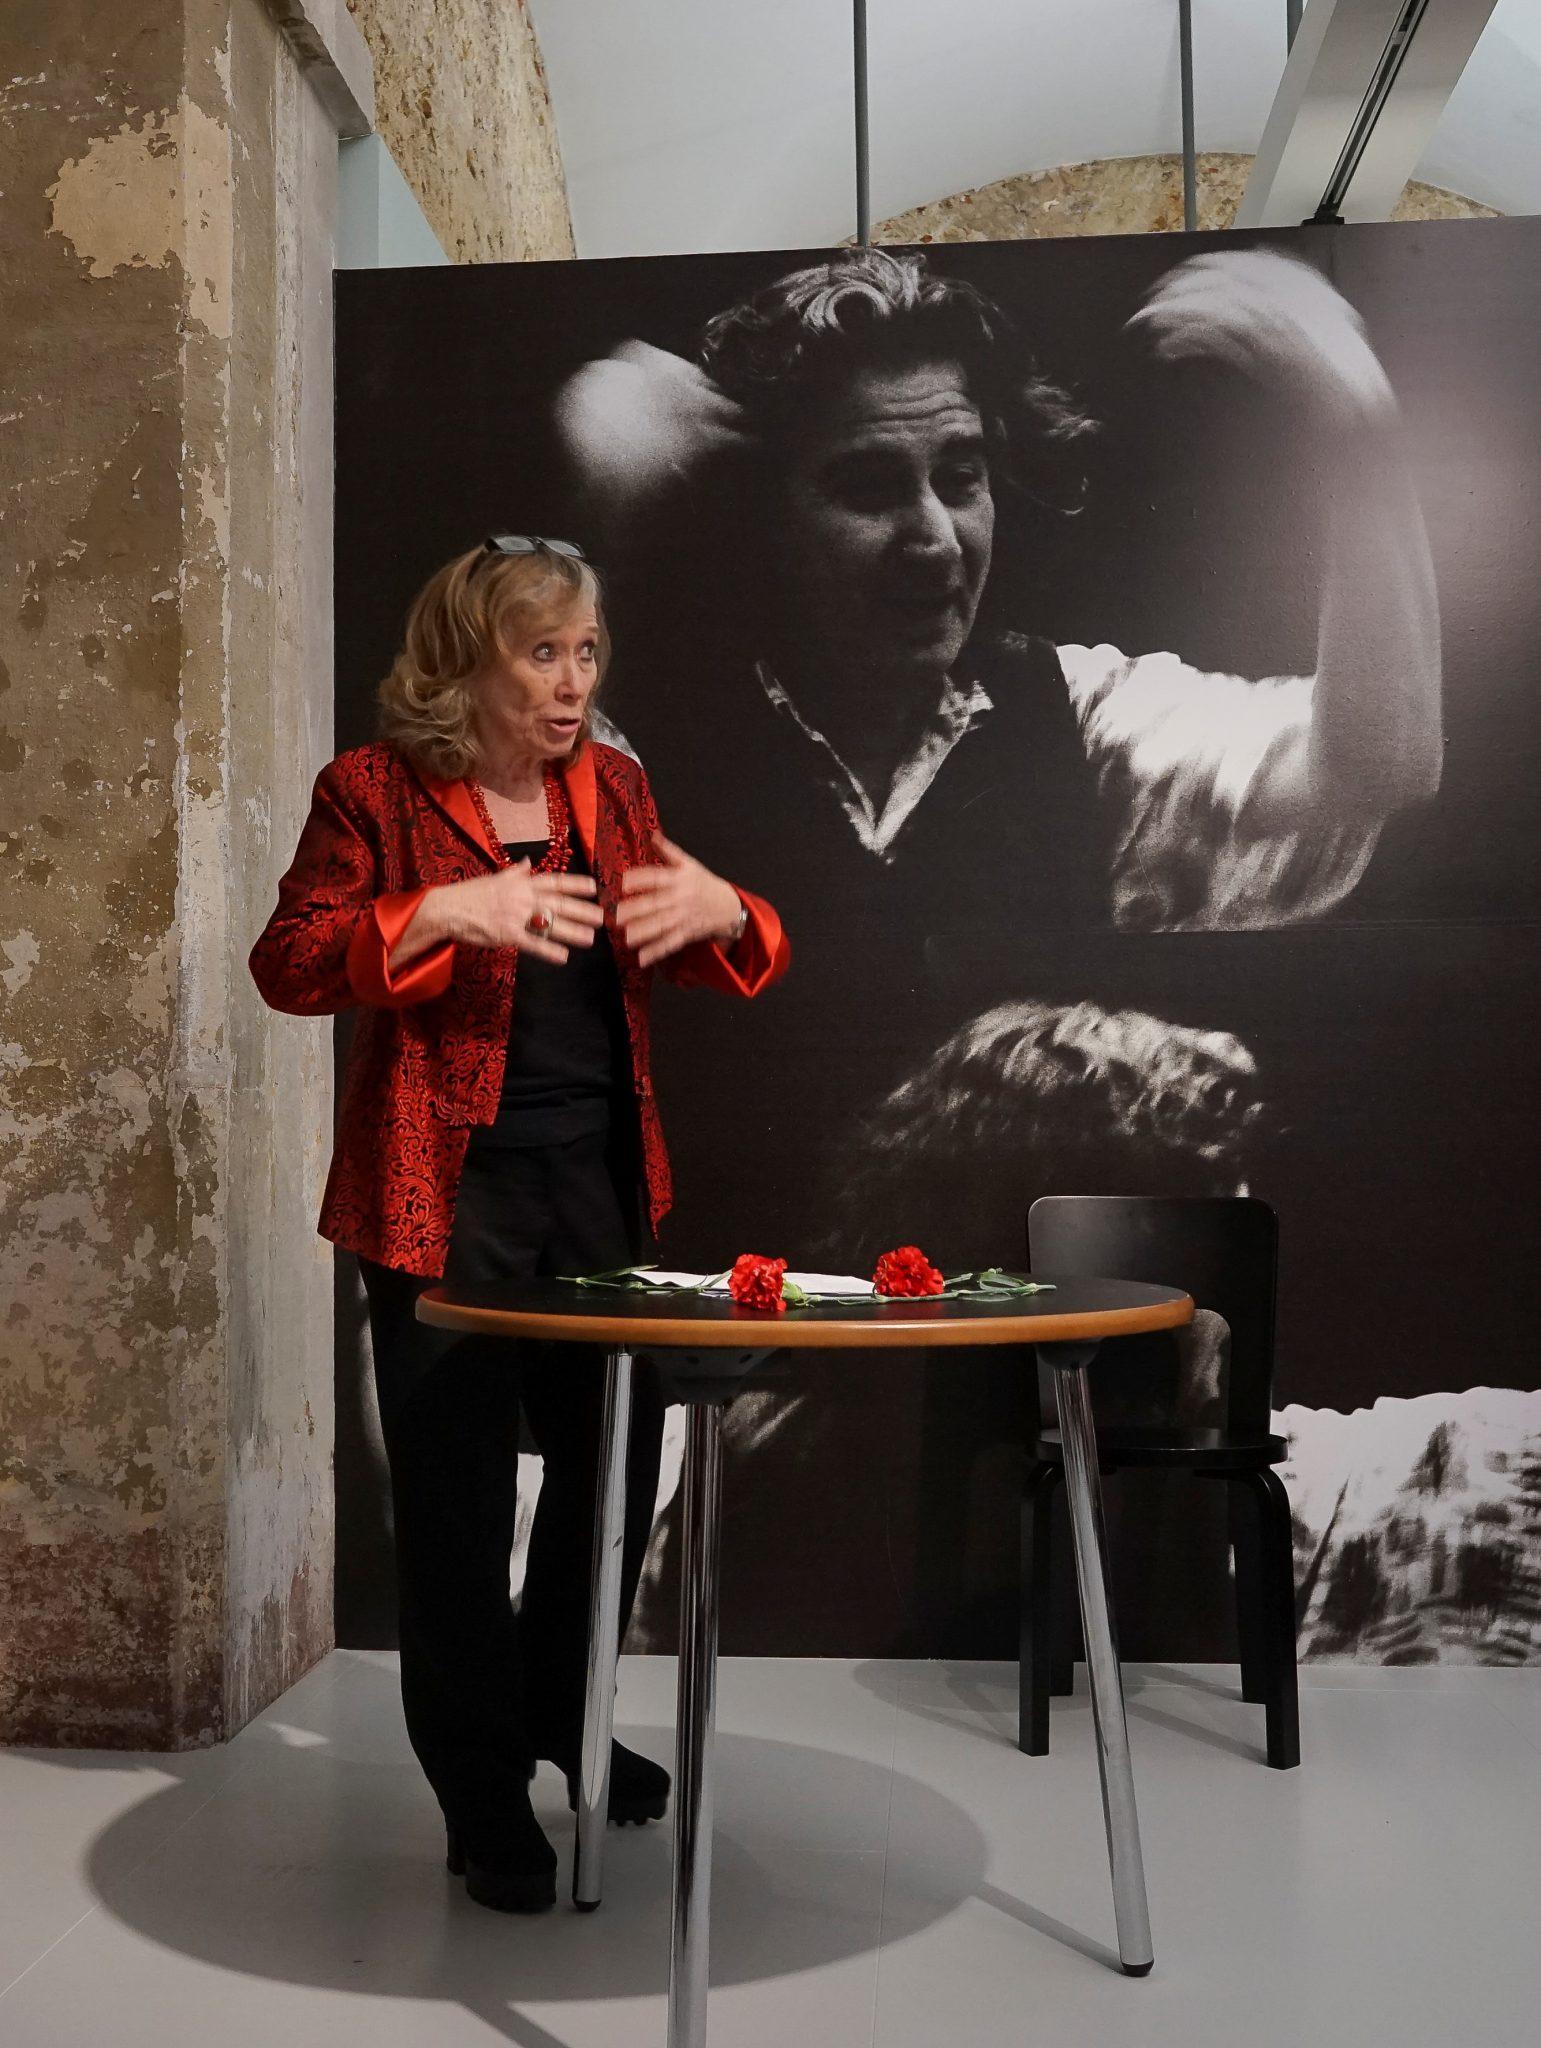 Vestida de vermelho e preto, em pé, do lado esquerdo e de frente para o observador, a atriz Maria do Céu Guerra gesticula junto a uma mesa onde estão pousados dois cravos vermelhos, contrastando com a fotografia a preto e branco, atrás de si, representando uma mulher de braços no ar.